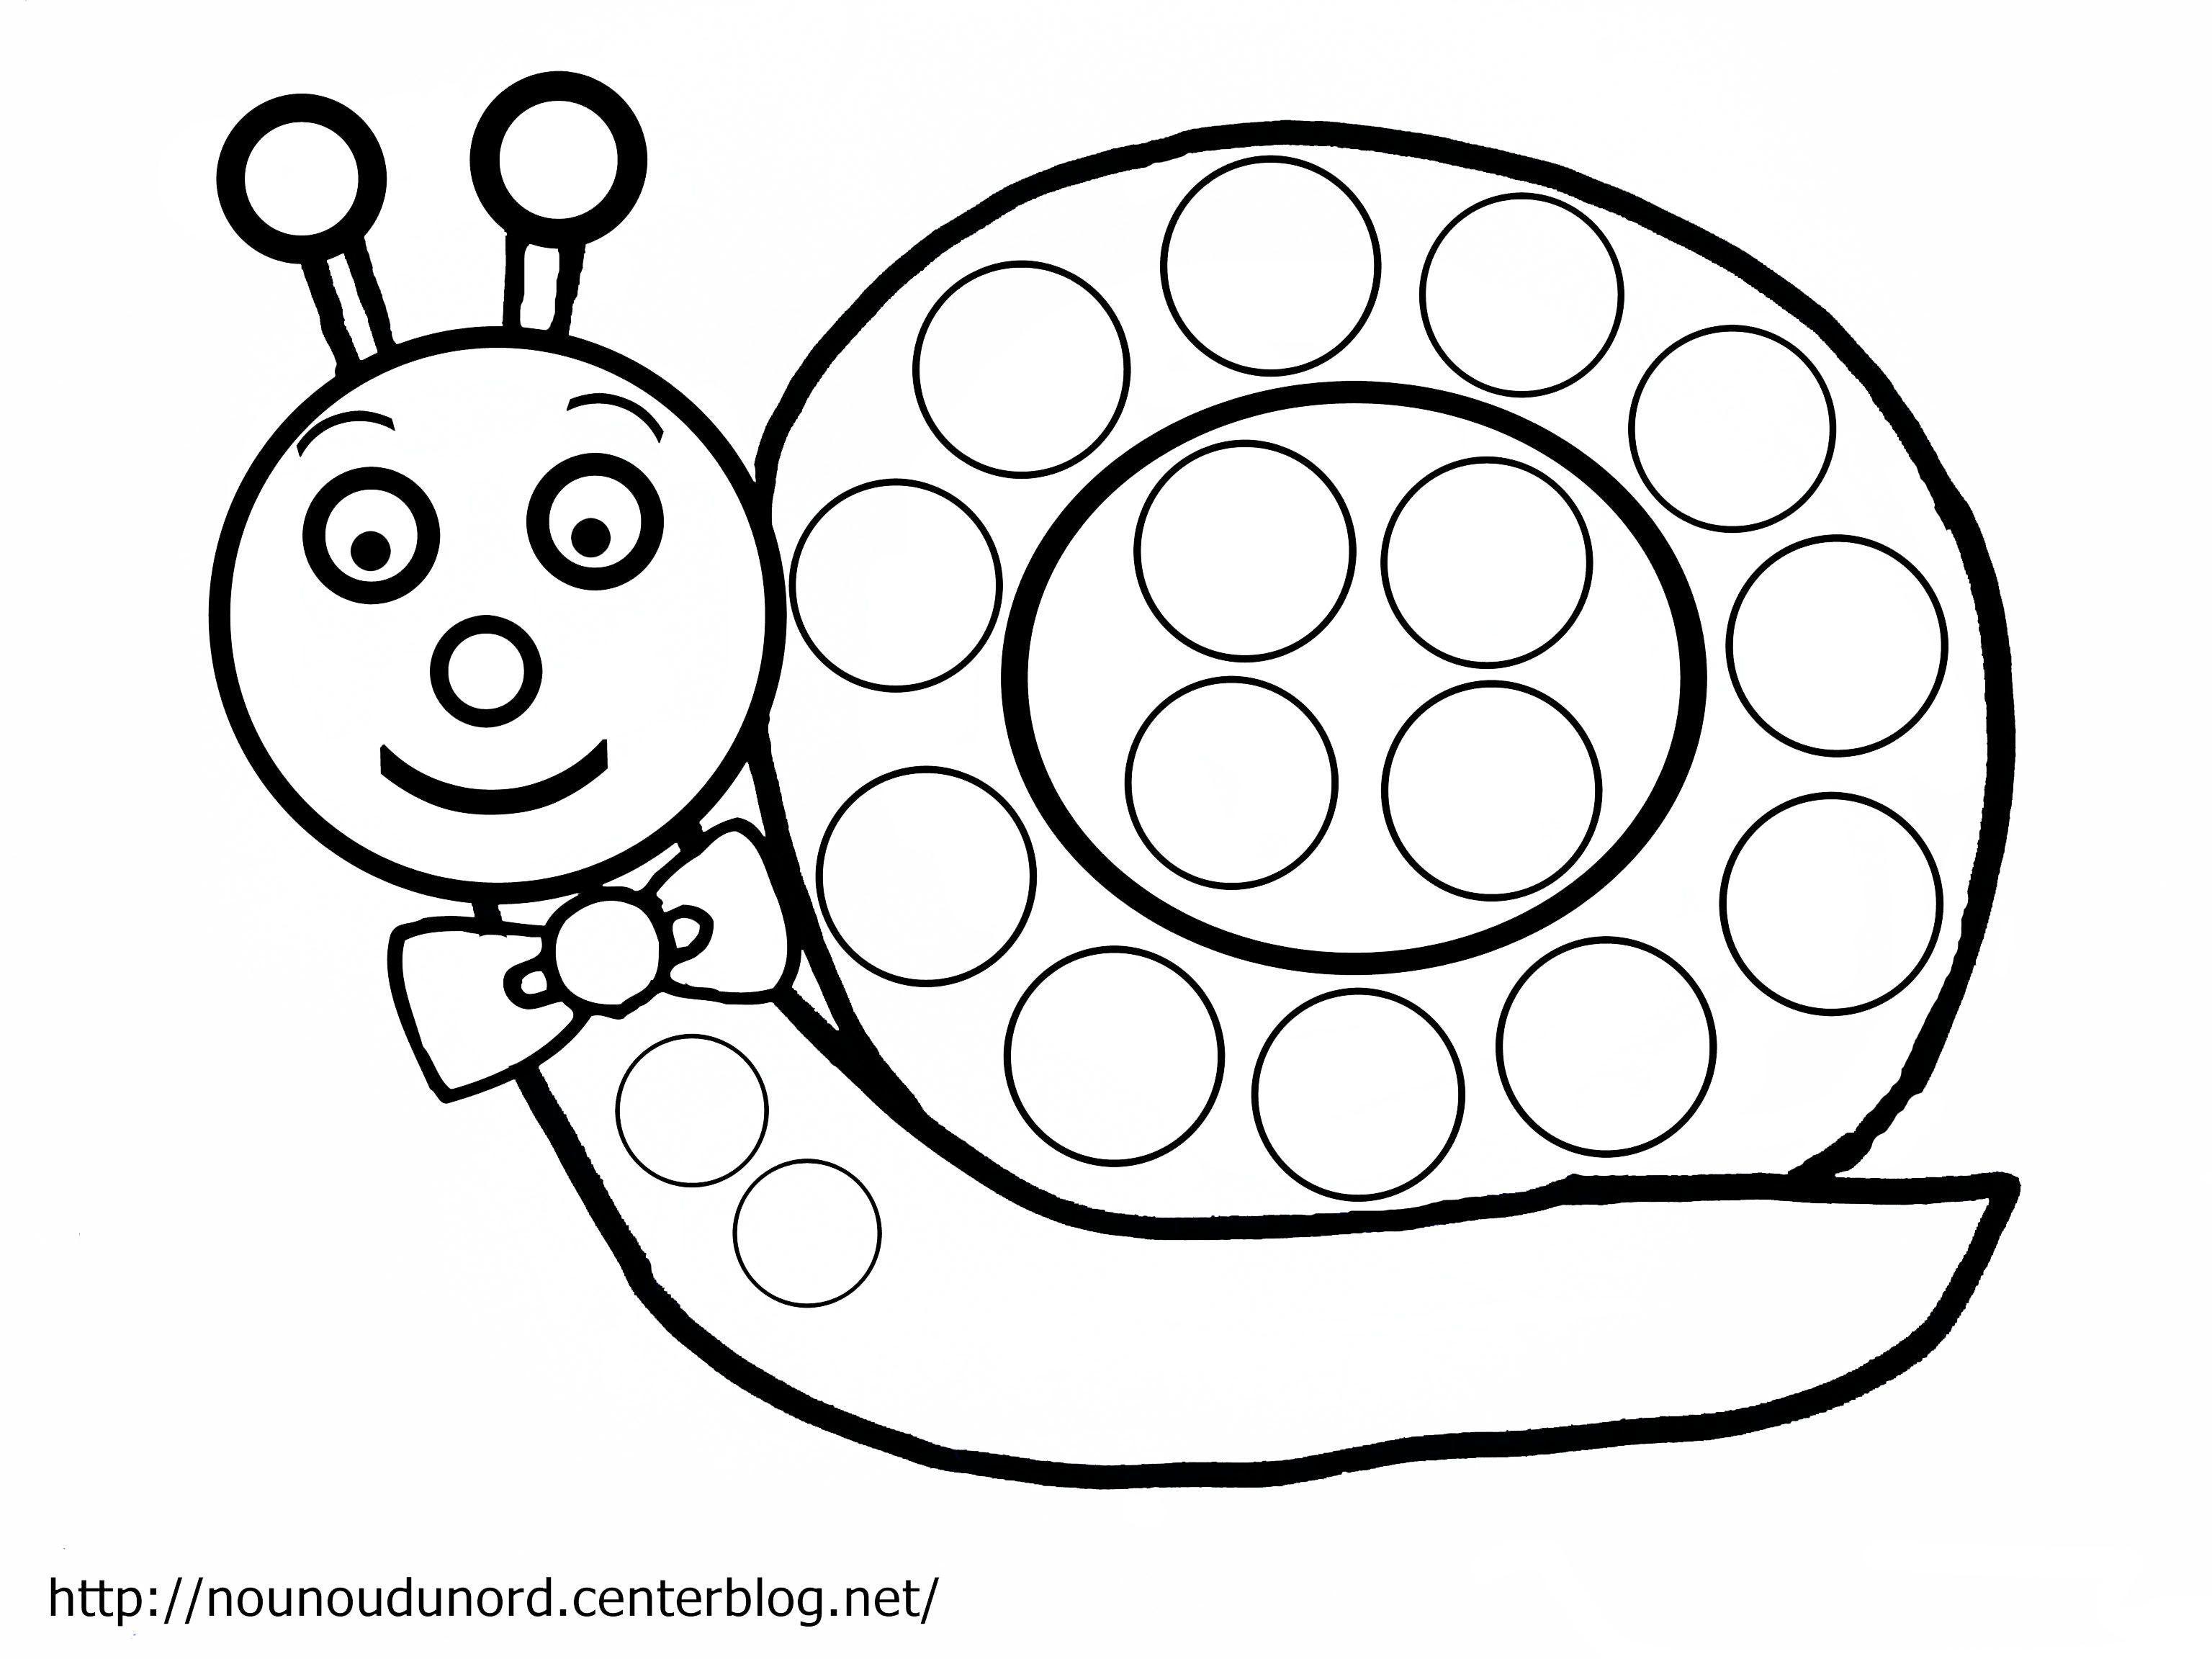 Coloriage escargot gommettes dessin par nounoudunord - Coloriage gommette ...